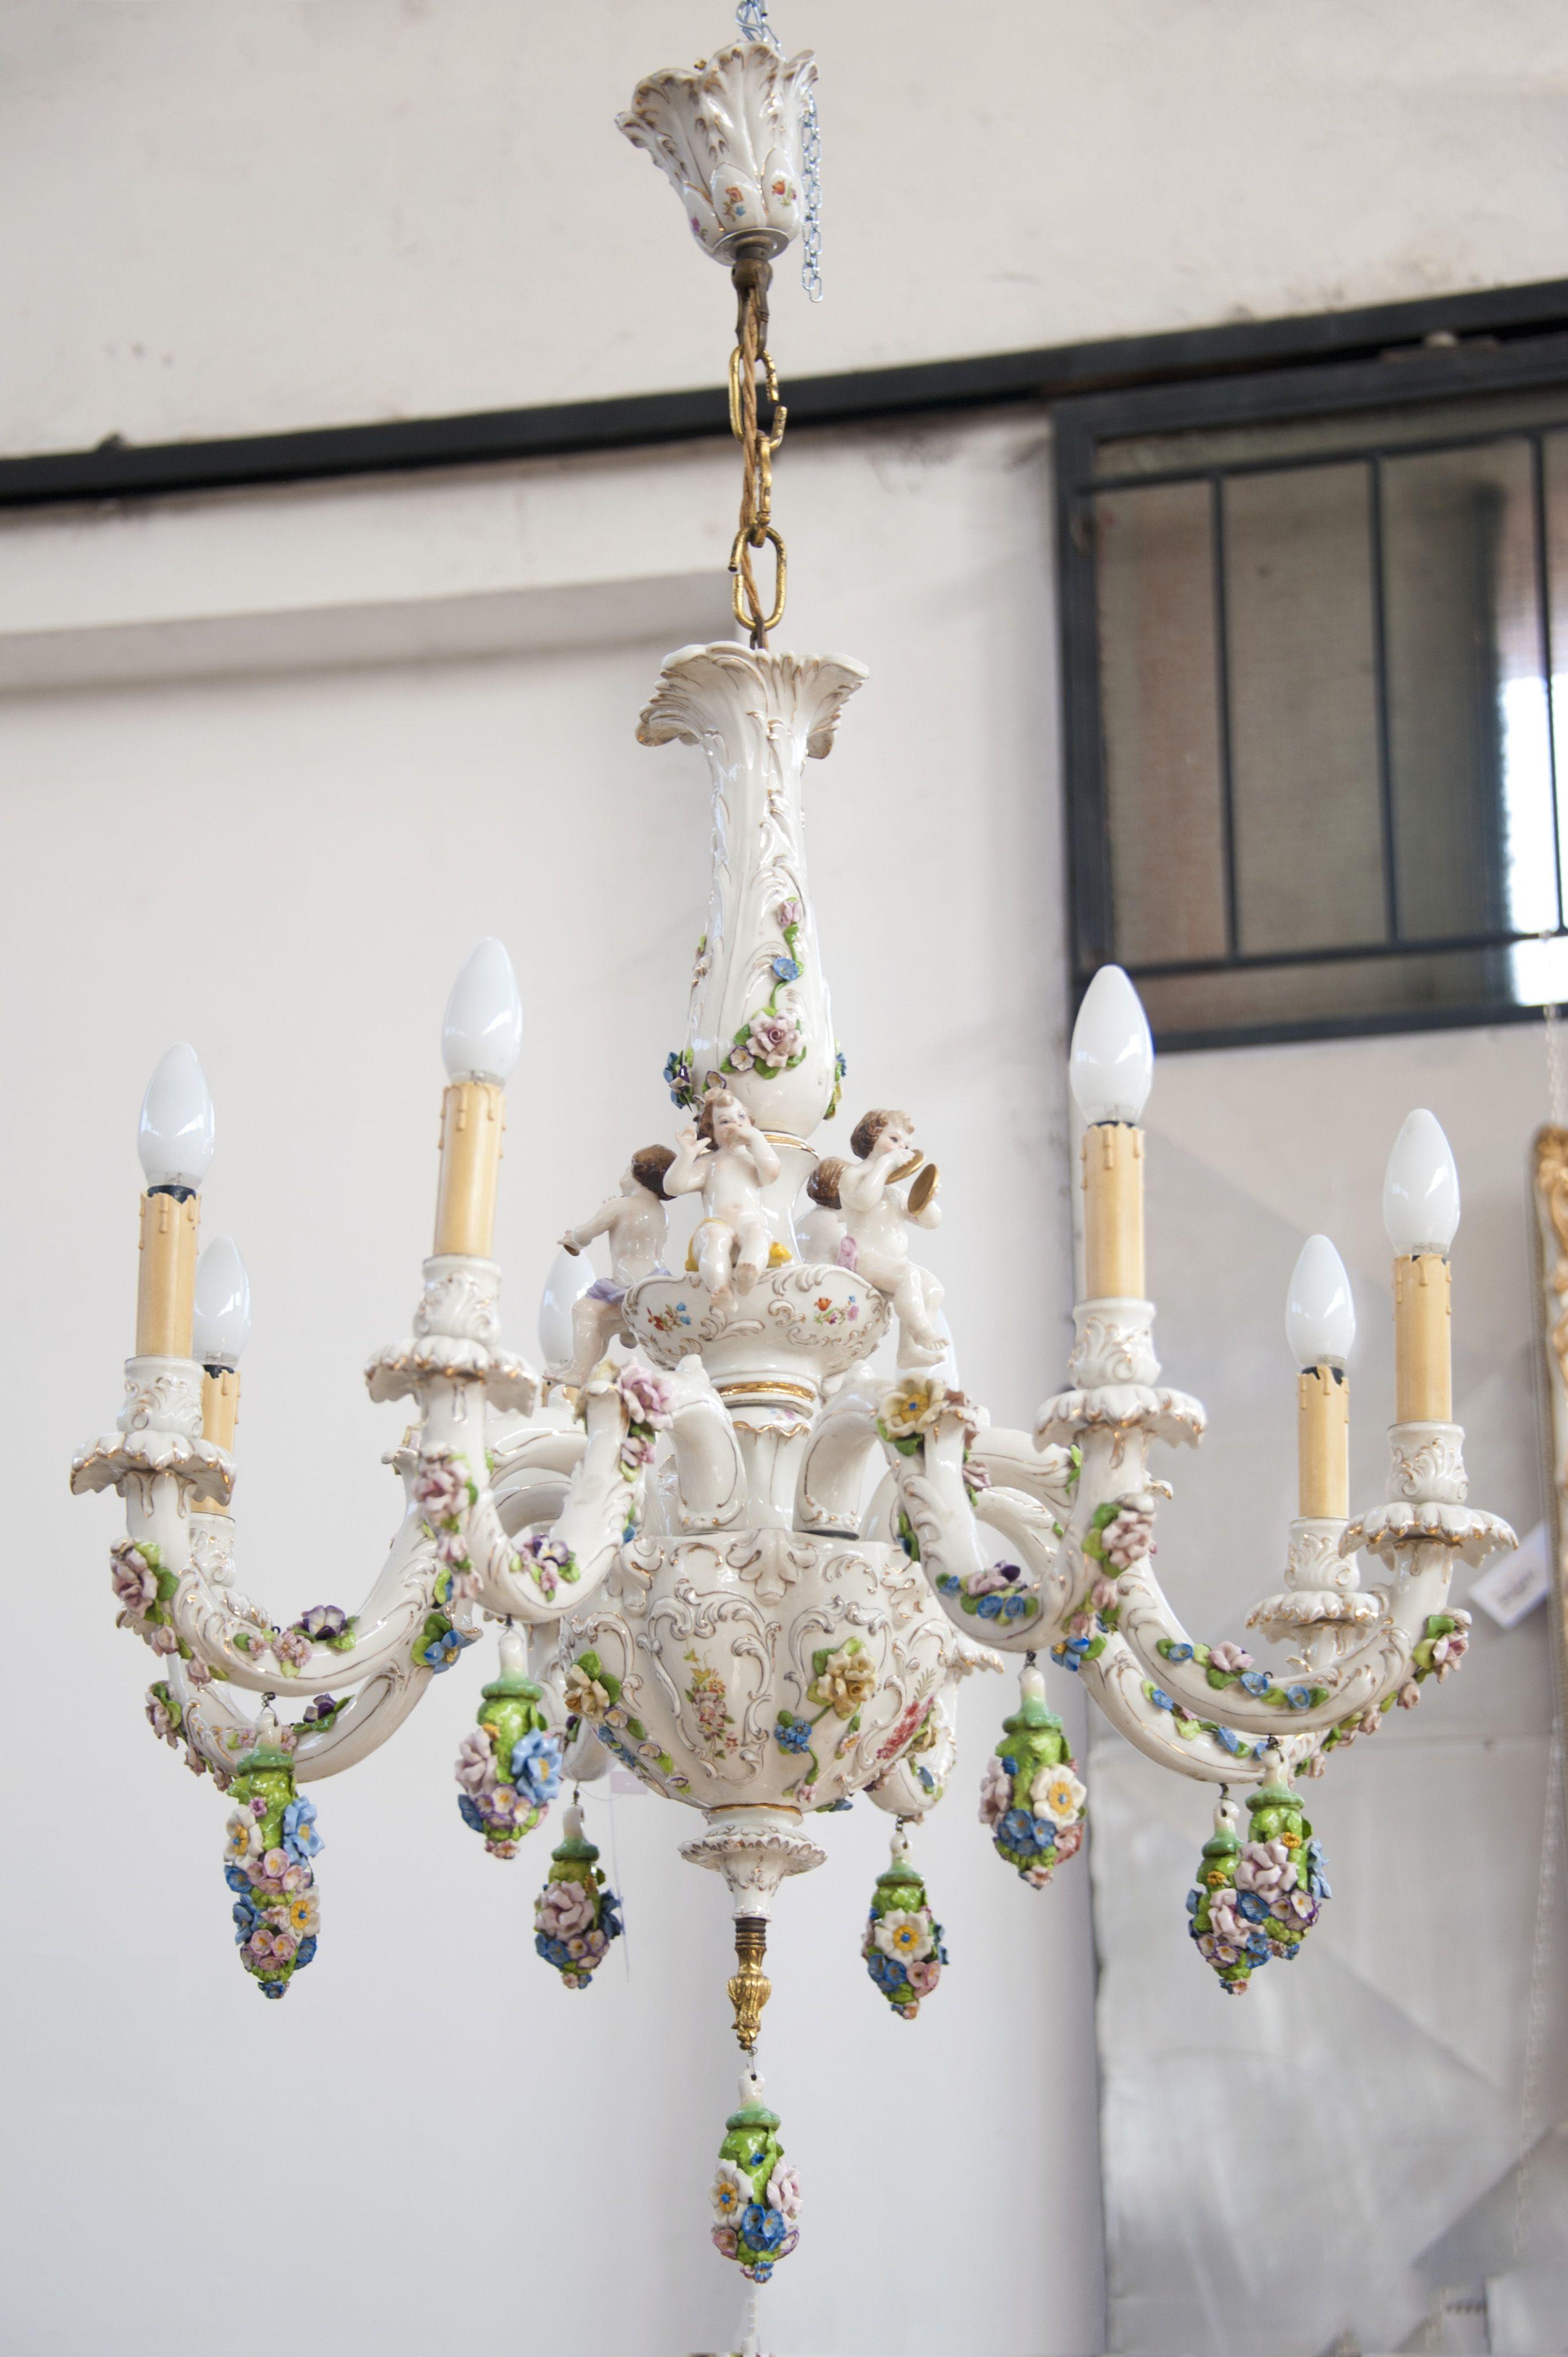 Lampadario di Capodimonte Illuminazione